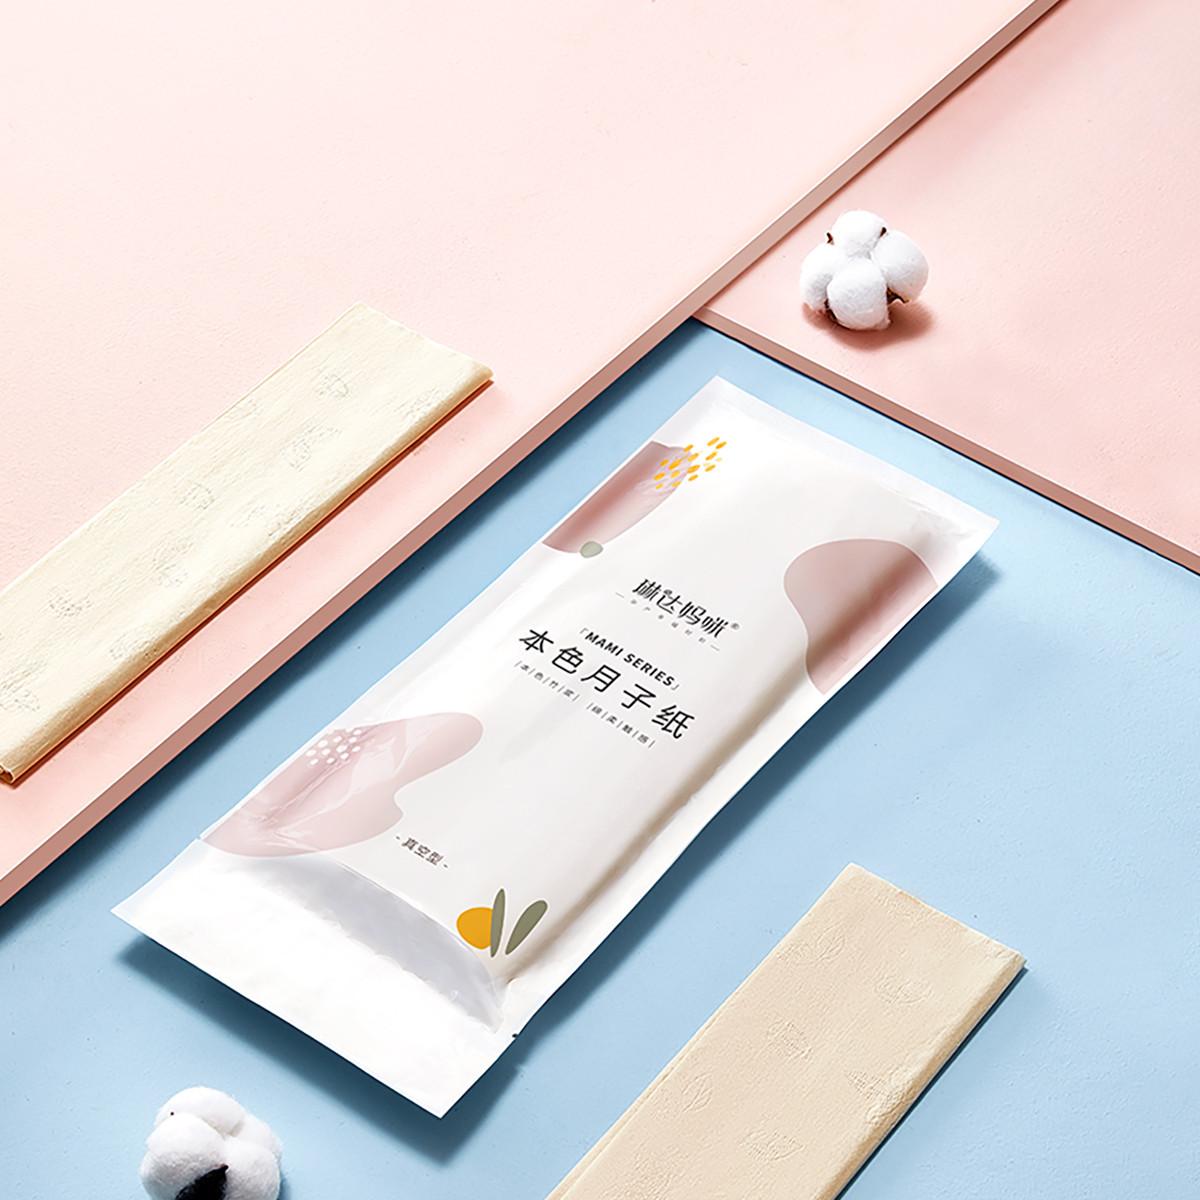 琳达妈咪 月子纸孕妇产后专用入院孕产妇刀纸恶露卫生巾生产房用品卫生用纸